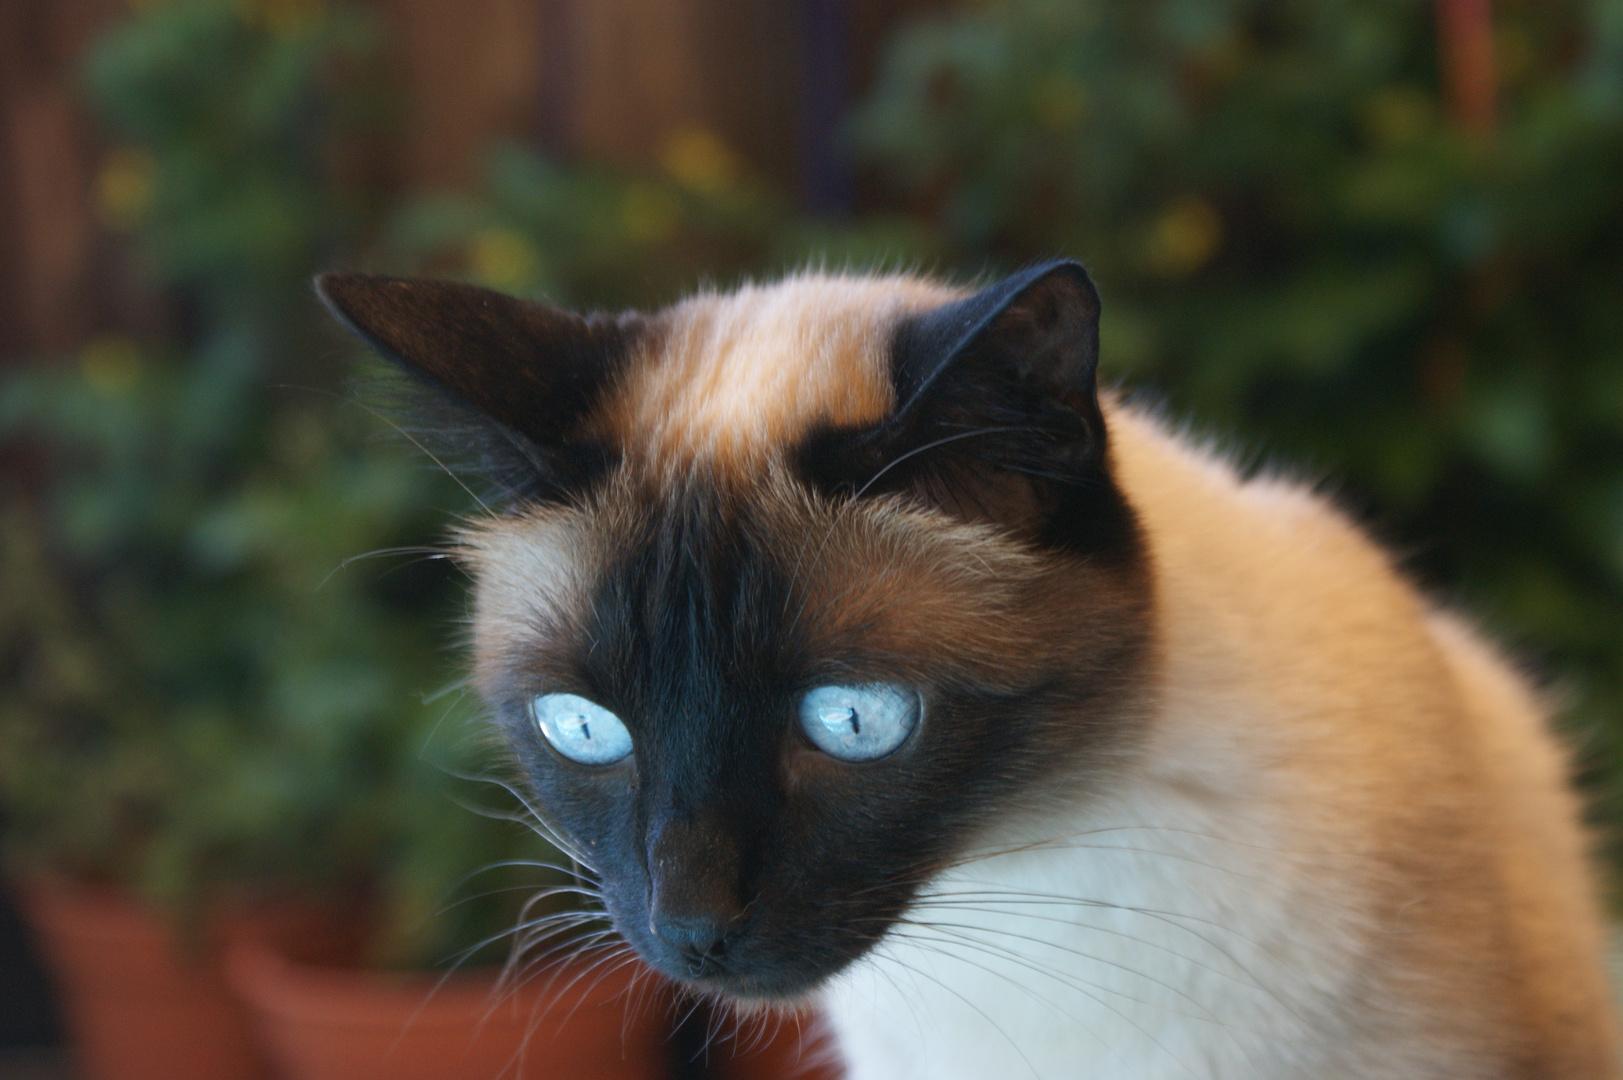 Ganz große blaue Augen